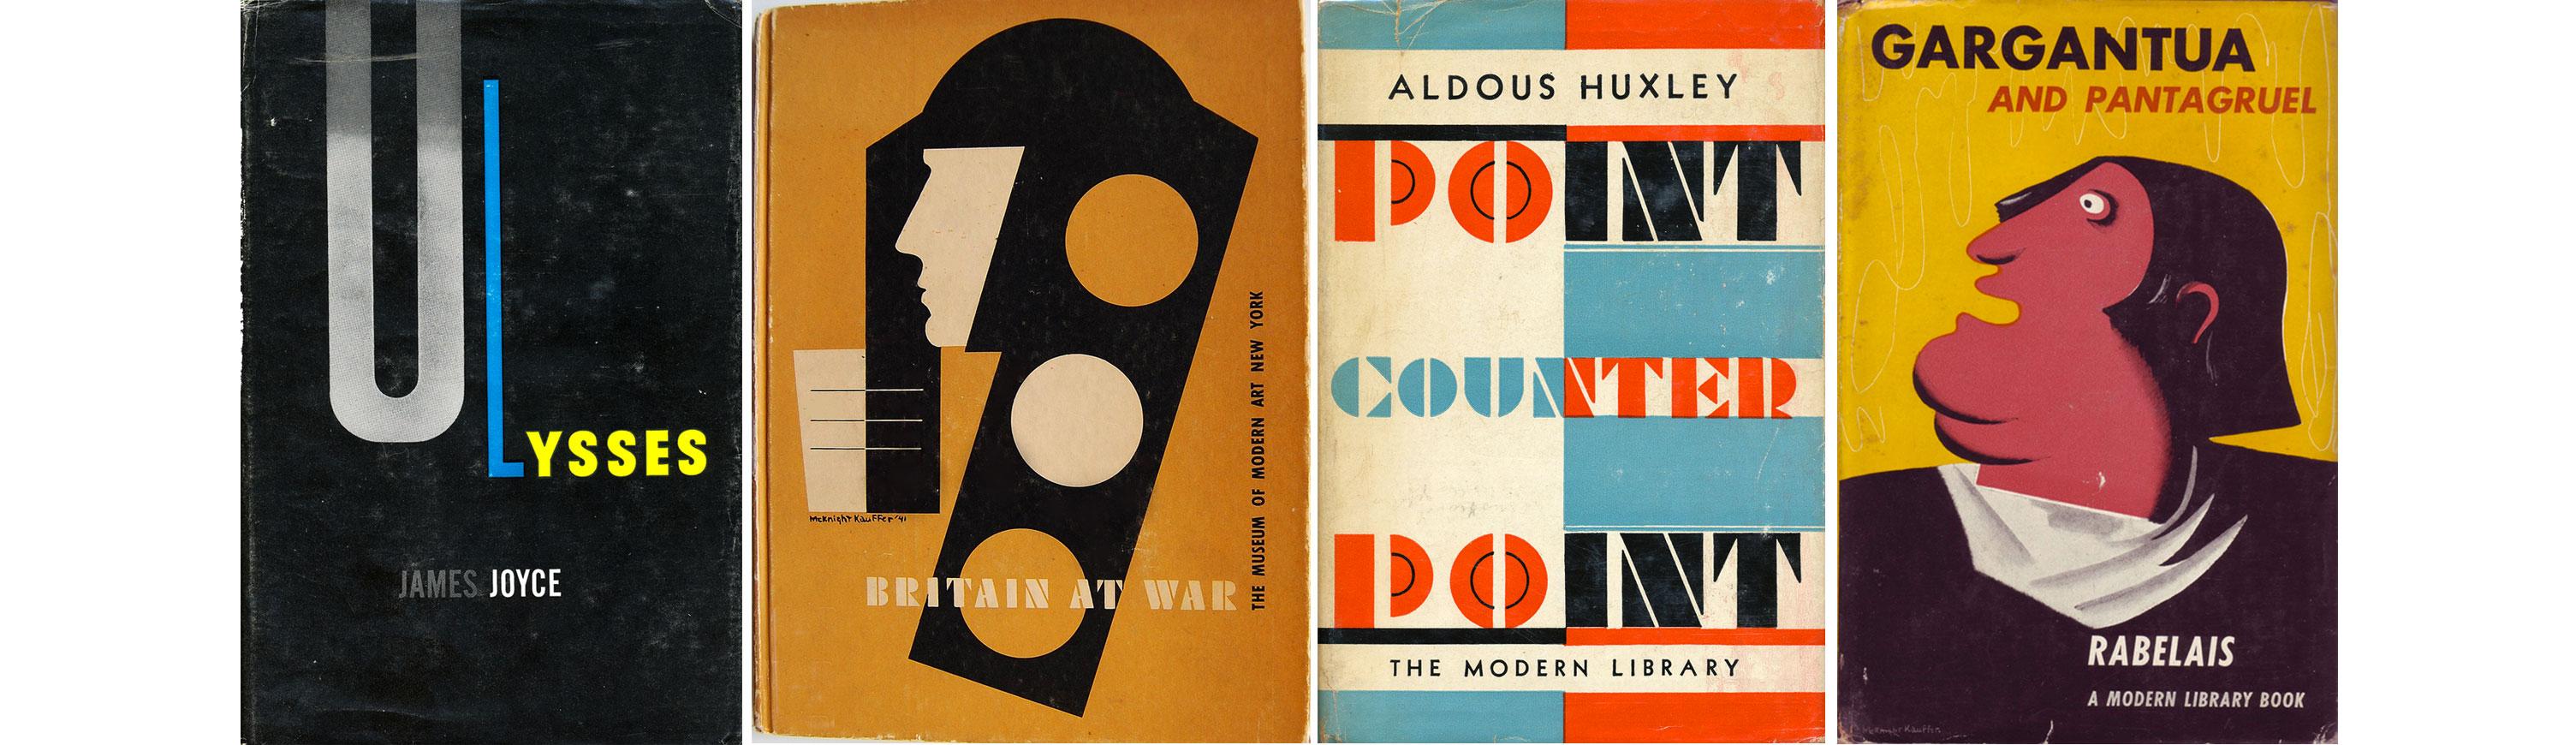 Edward-McKnight-Kauffer-couvertures-livre